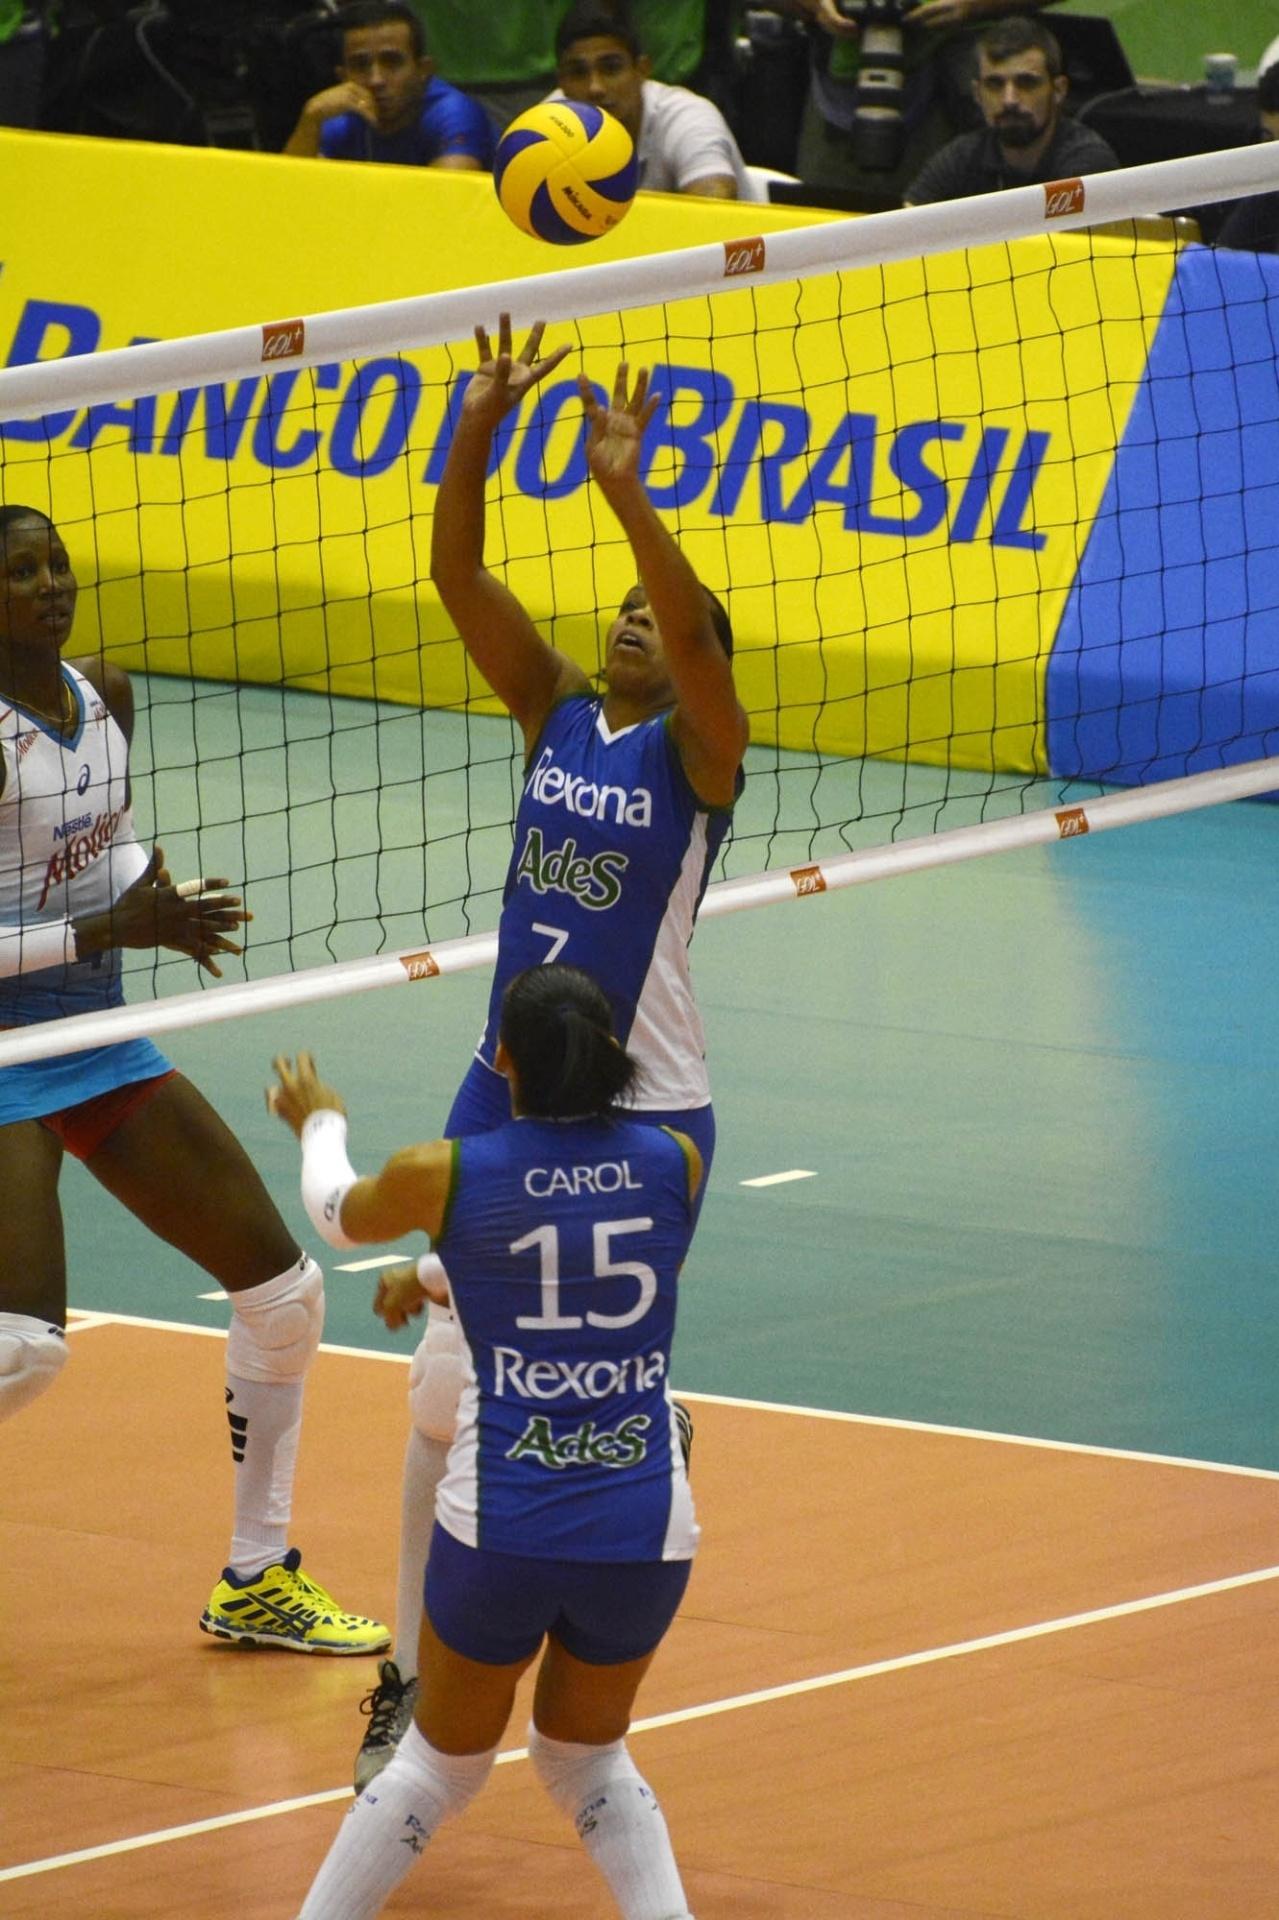 Fofão participou de sua última Superliga e ajudou o Rexona/Ades a vencer o Molico/Nestlé